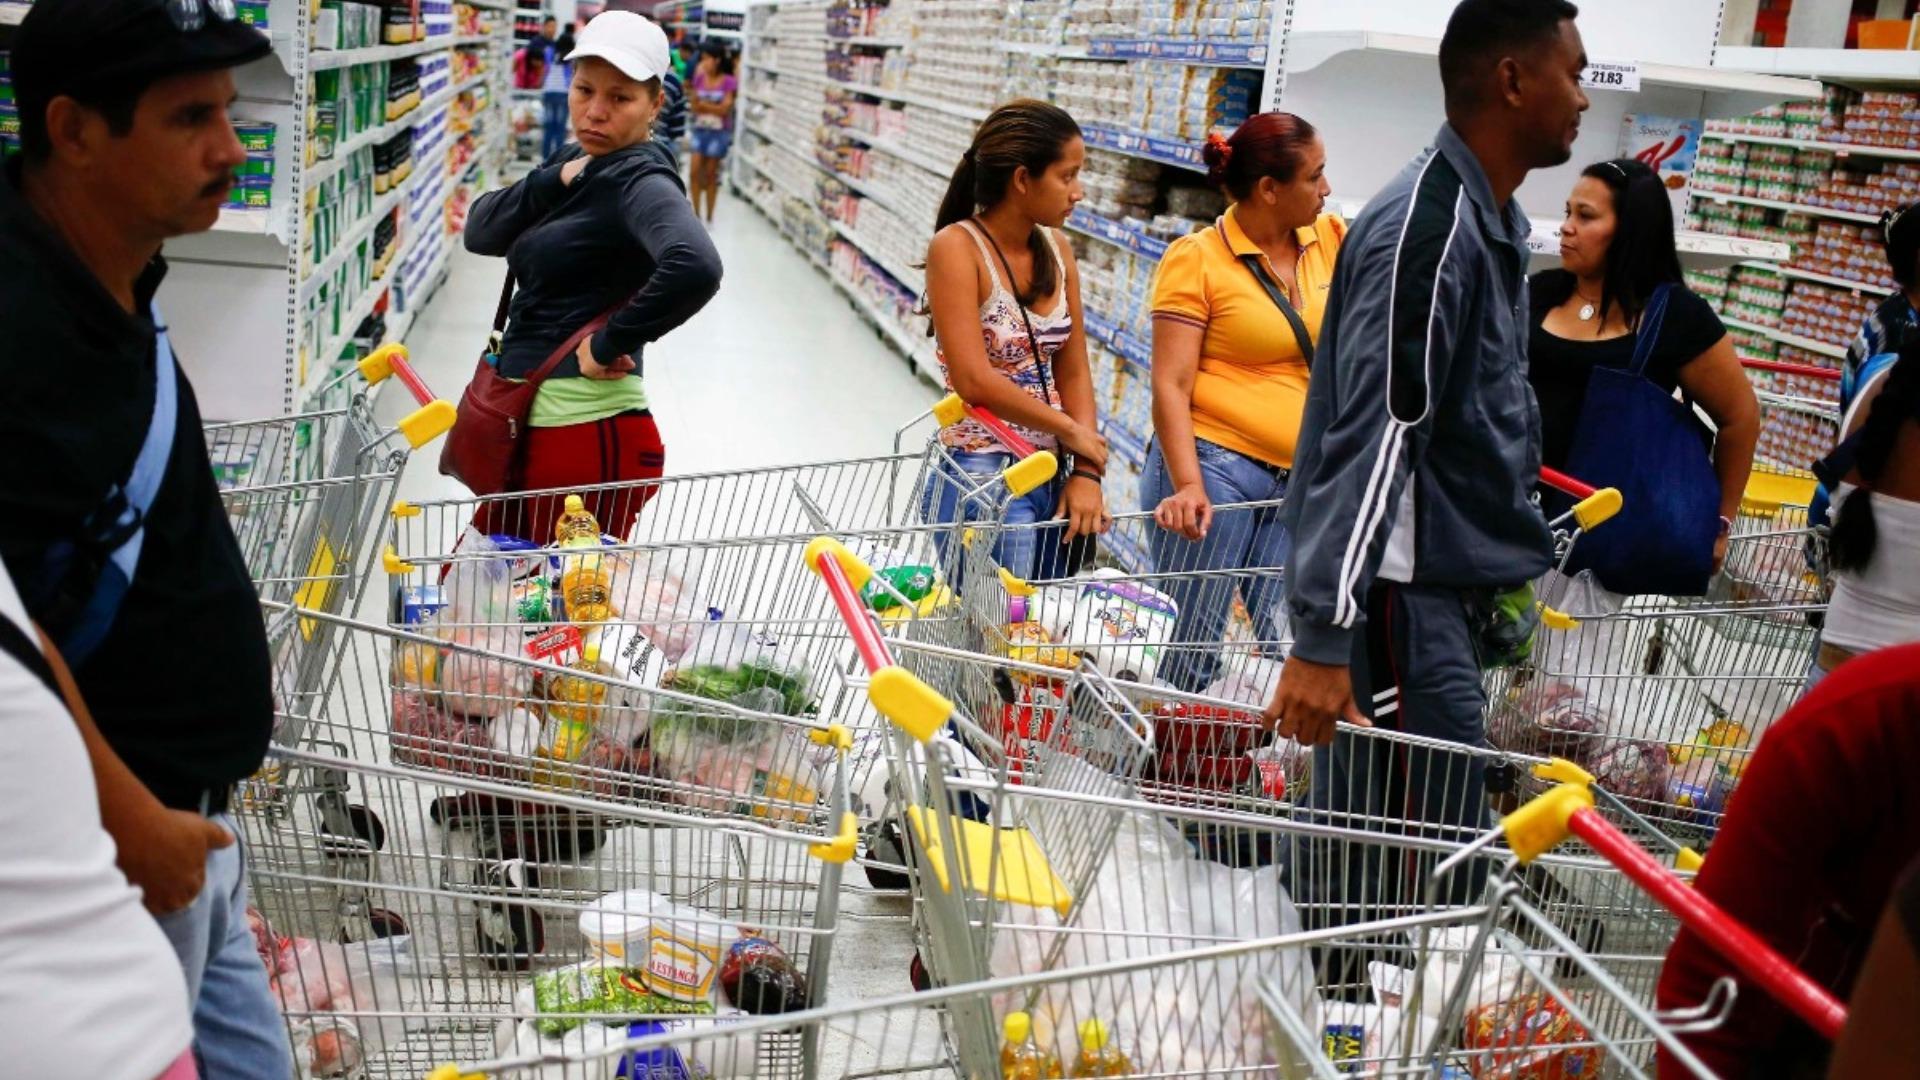 Codhez: Inseguridad alimentaria agudiza vulnerabilidad de las madres en Maracaibo